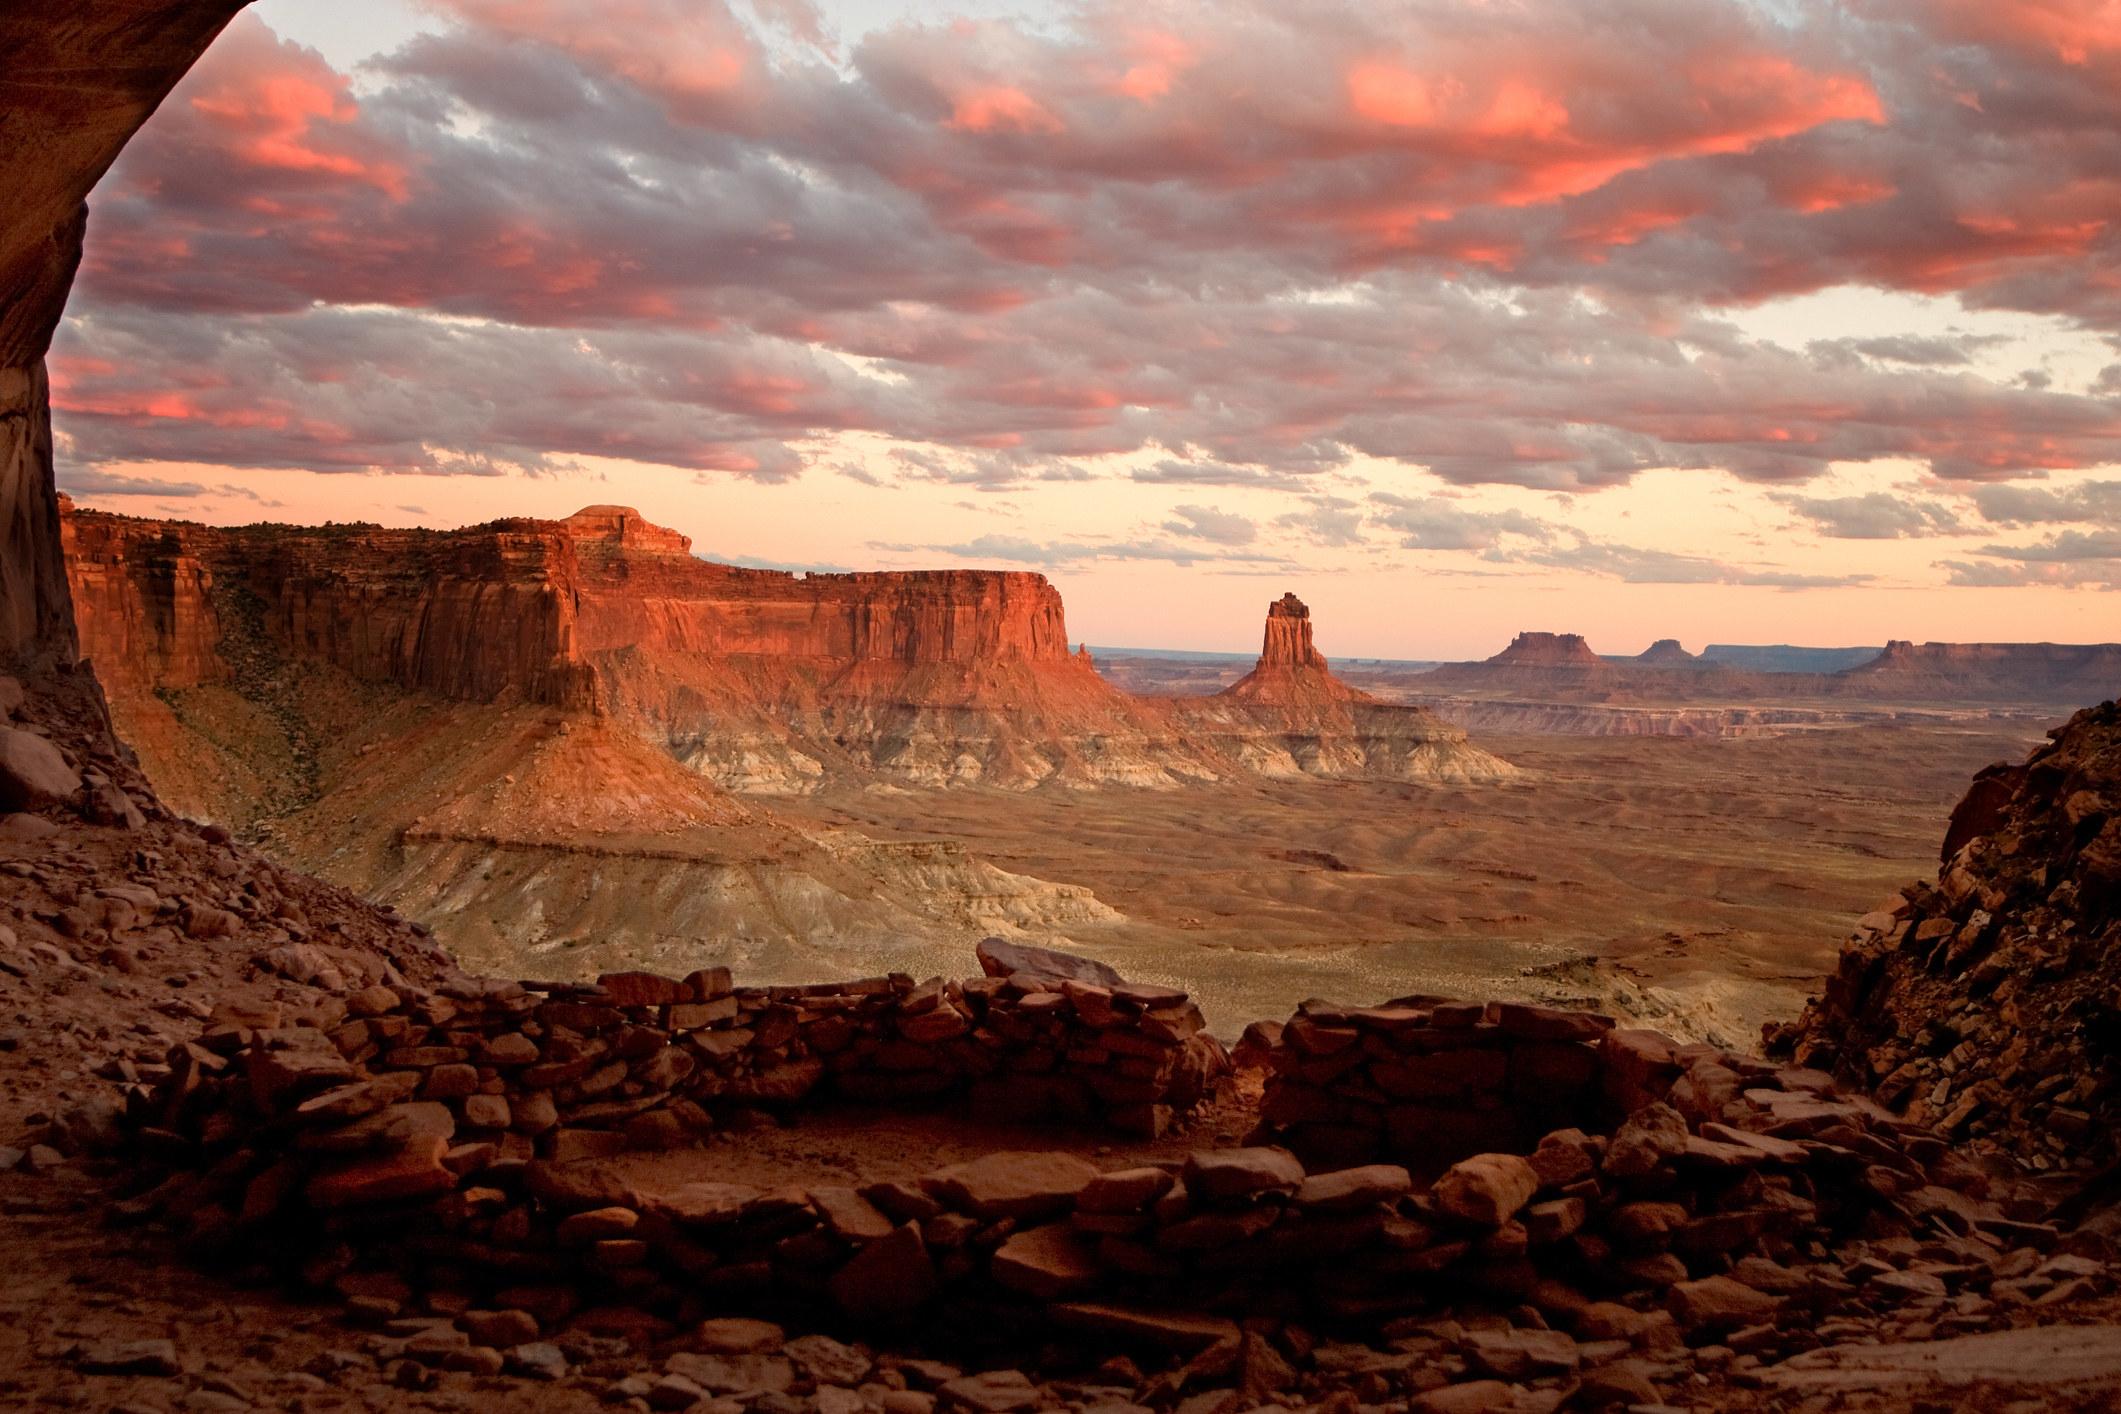 ColorfulCanyonlands National Park in Utah.